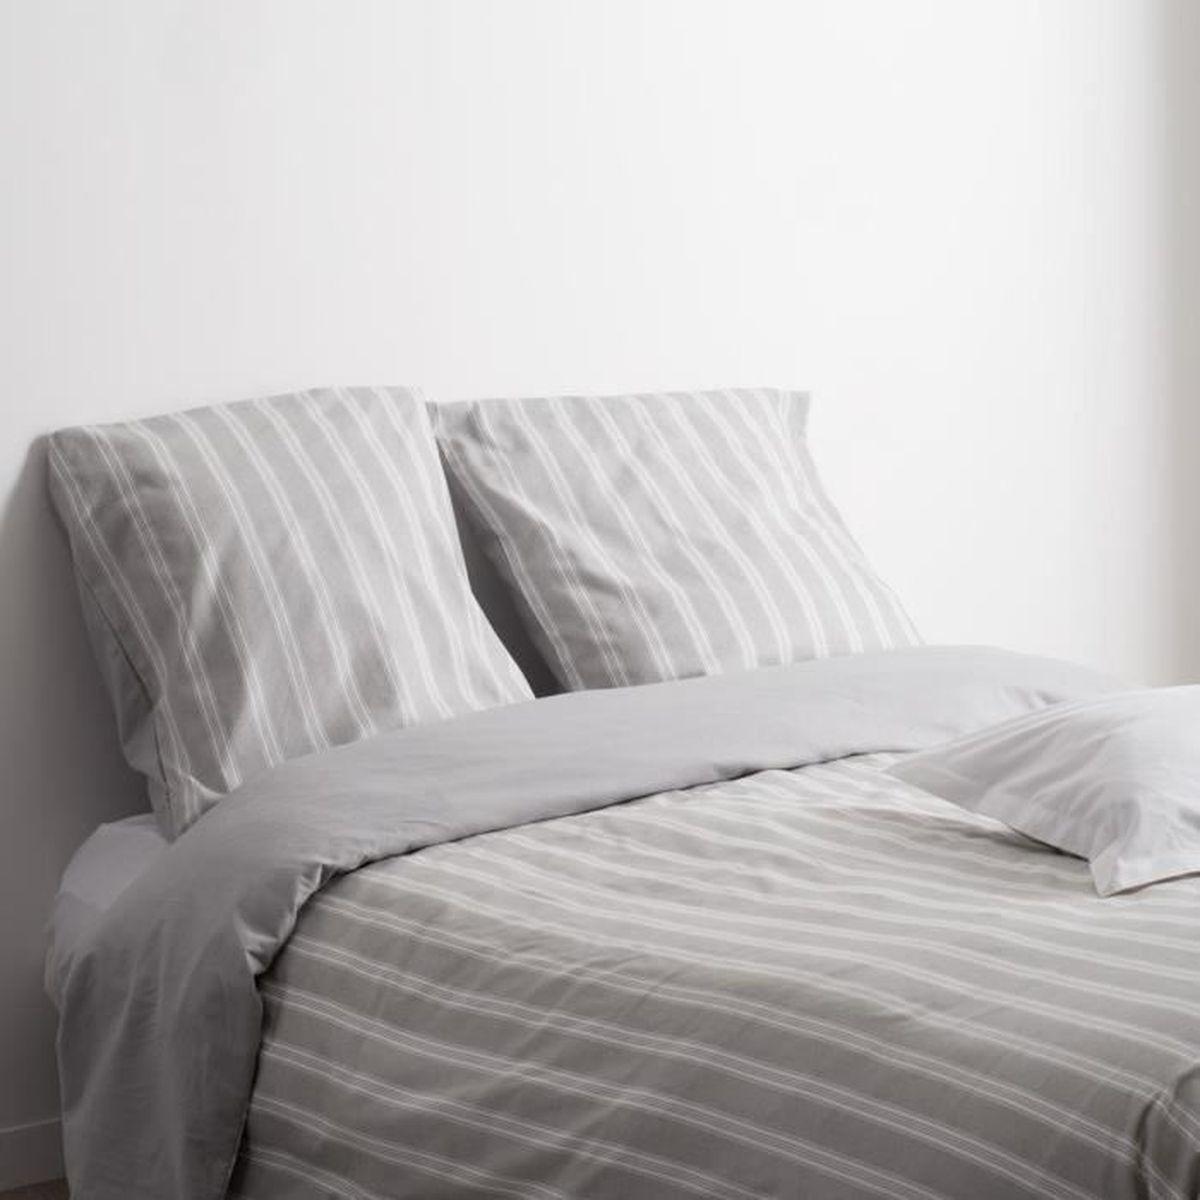 parure de lit flanelle pour 2 personnes gris 260 x 240 cm achat vente parure de drap. Black Bedroom Furniture Sets. Home Design Ideas